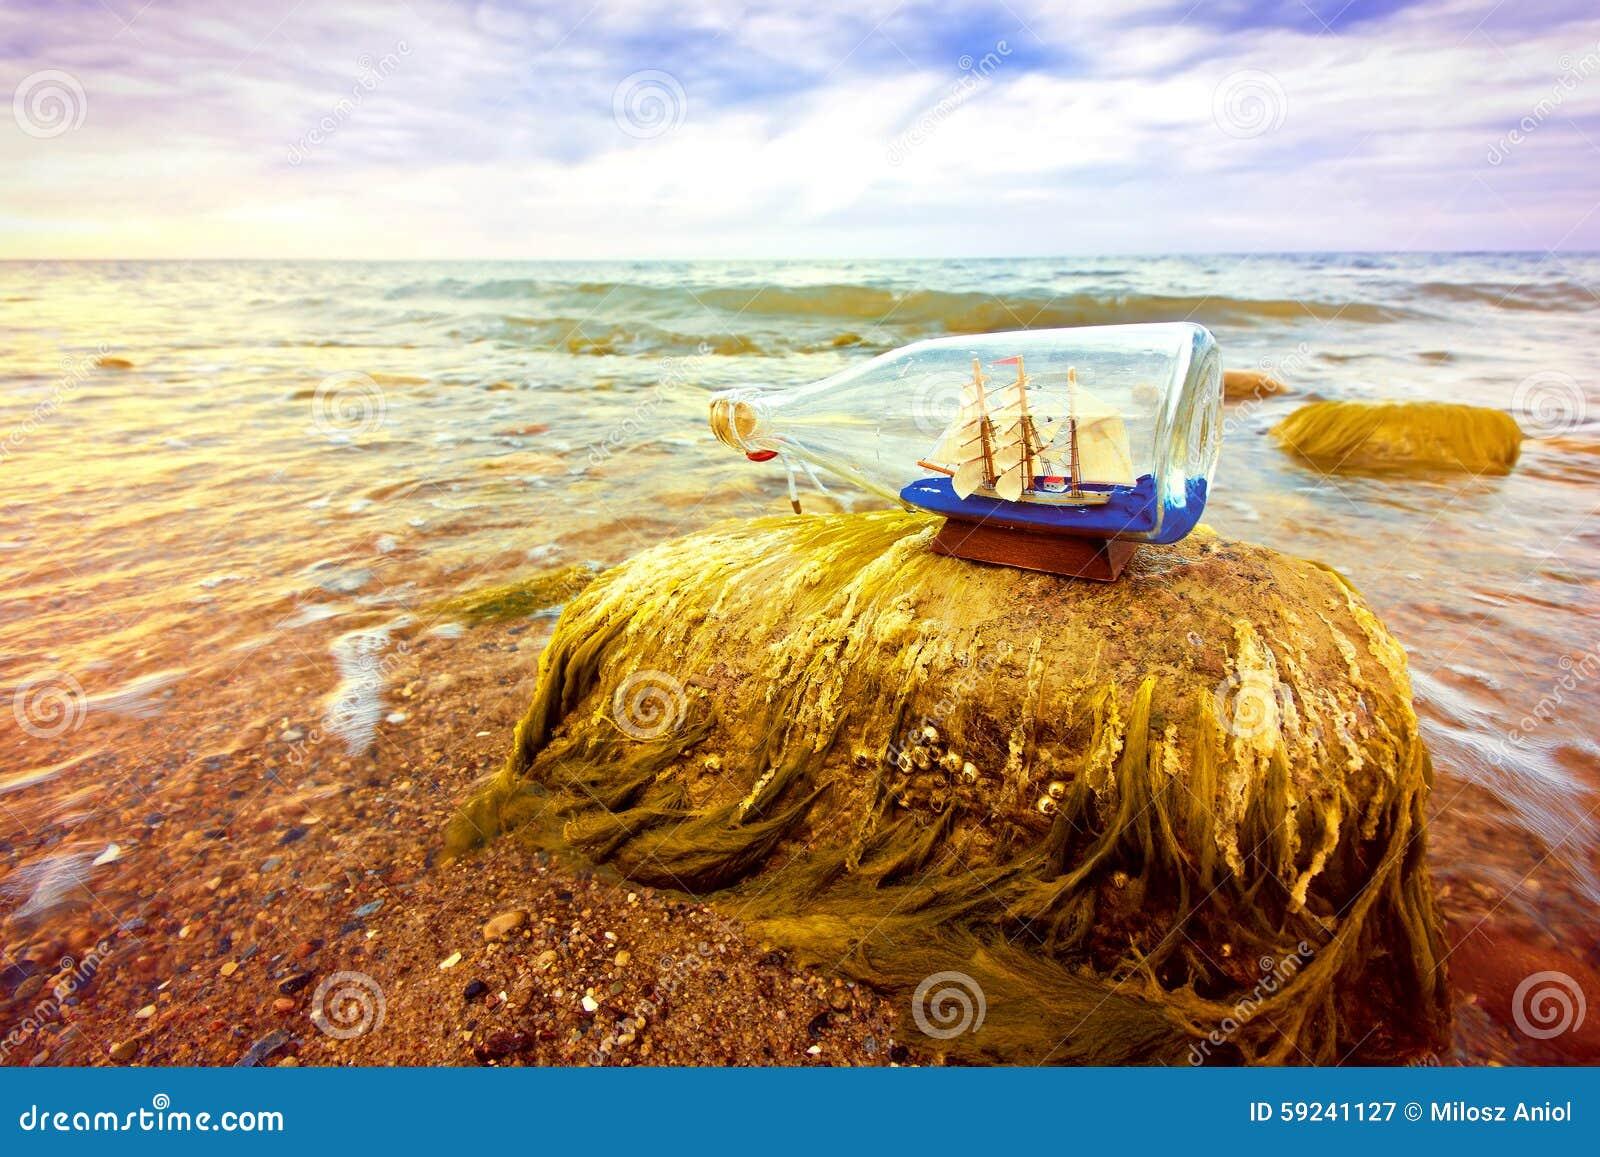 Download Botella con la nave dentro imagen de archivo. Imagen de modelo - 59241127